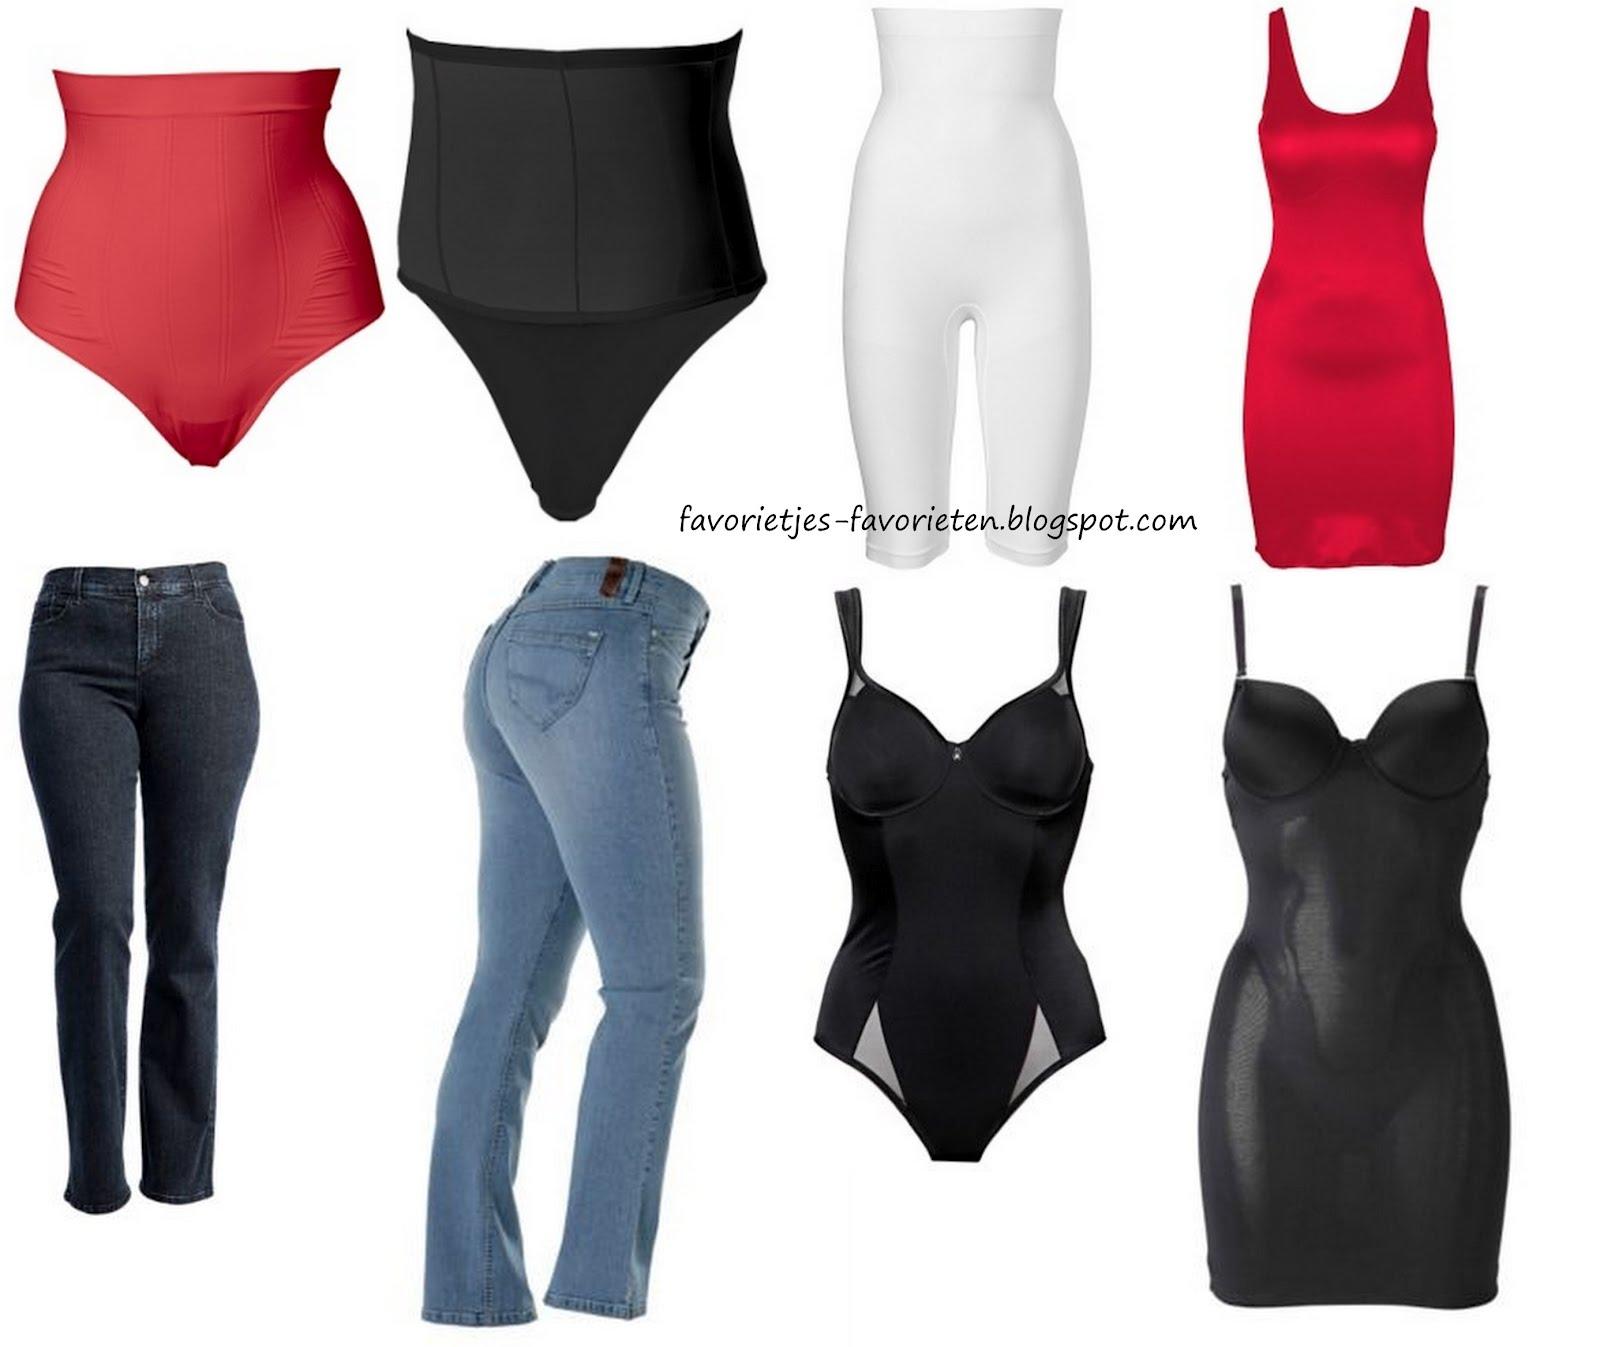 4d3cc15a806e4b Na mijn artikel over corrigerende badpakken voor grote maten, kwam ik  meteen op het idee om ook een artikel te schrijven over corrigerende  kleding voor ...